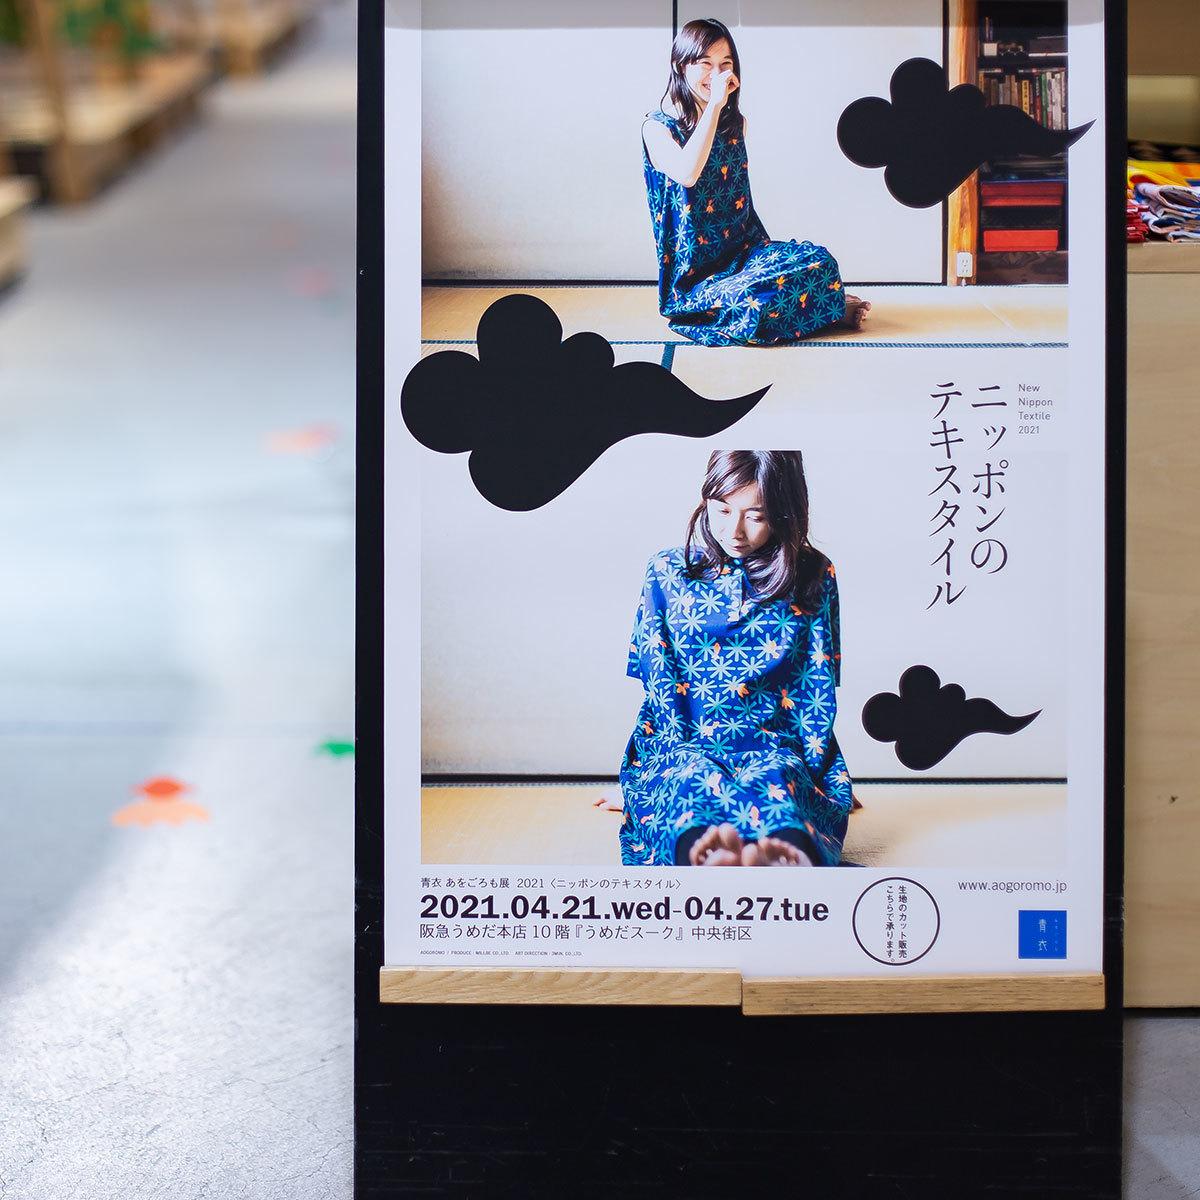 阪急うめだ本店 10階 スーク中央街区(大阪)_e0321916_15073851.jpg